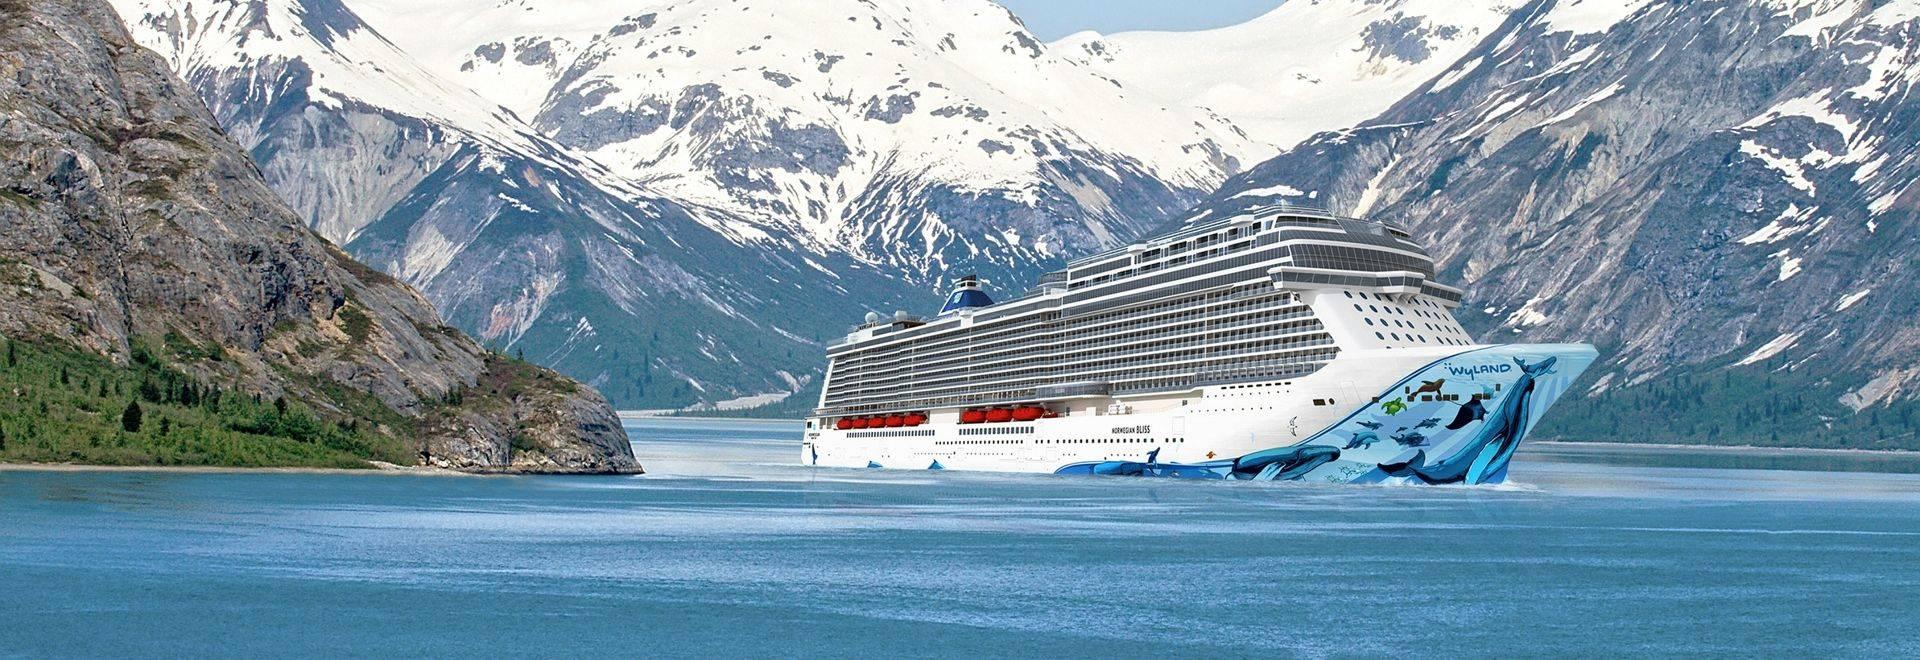 ncl_Bliss_Aerial_Alaska_hi.jpg